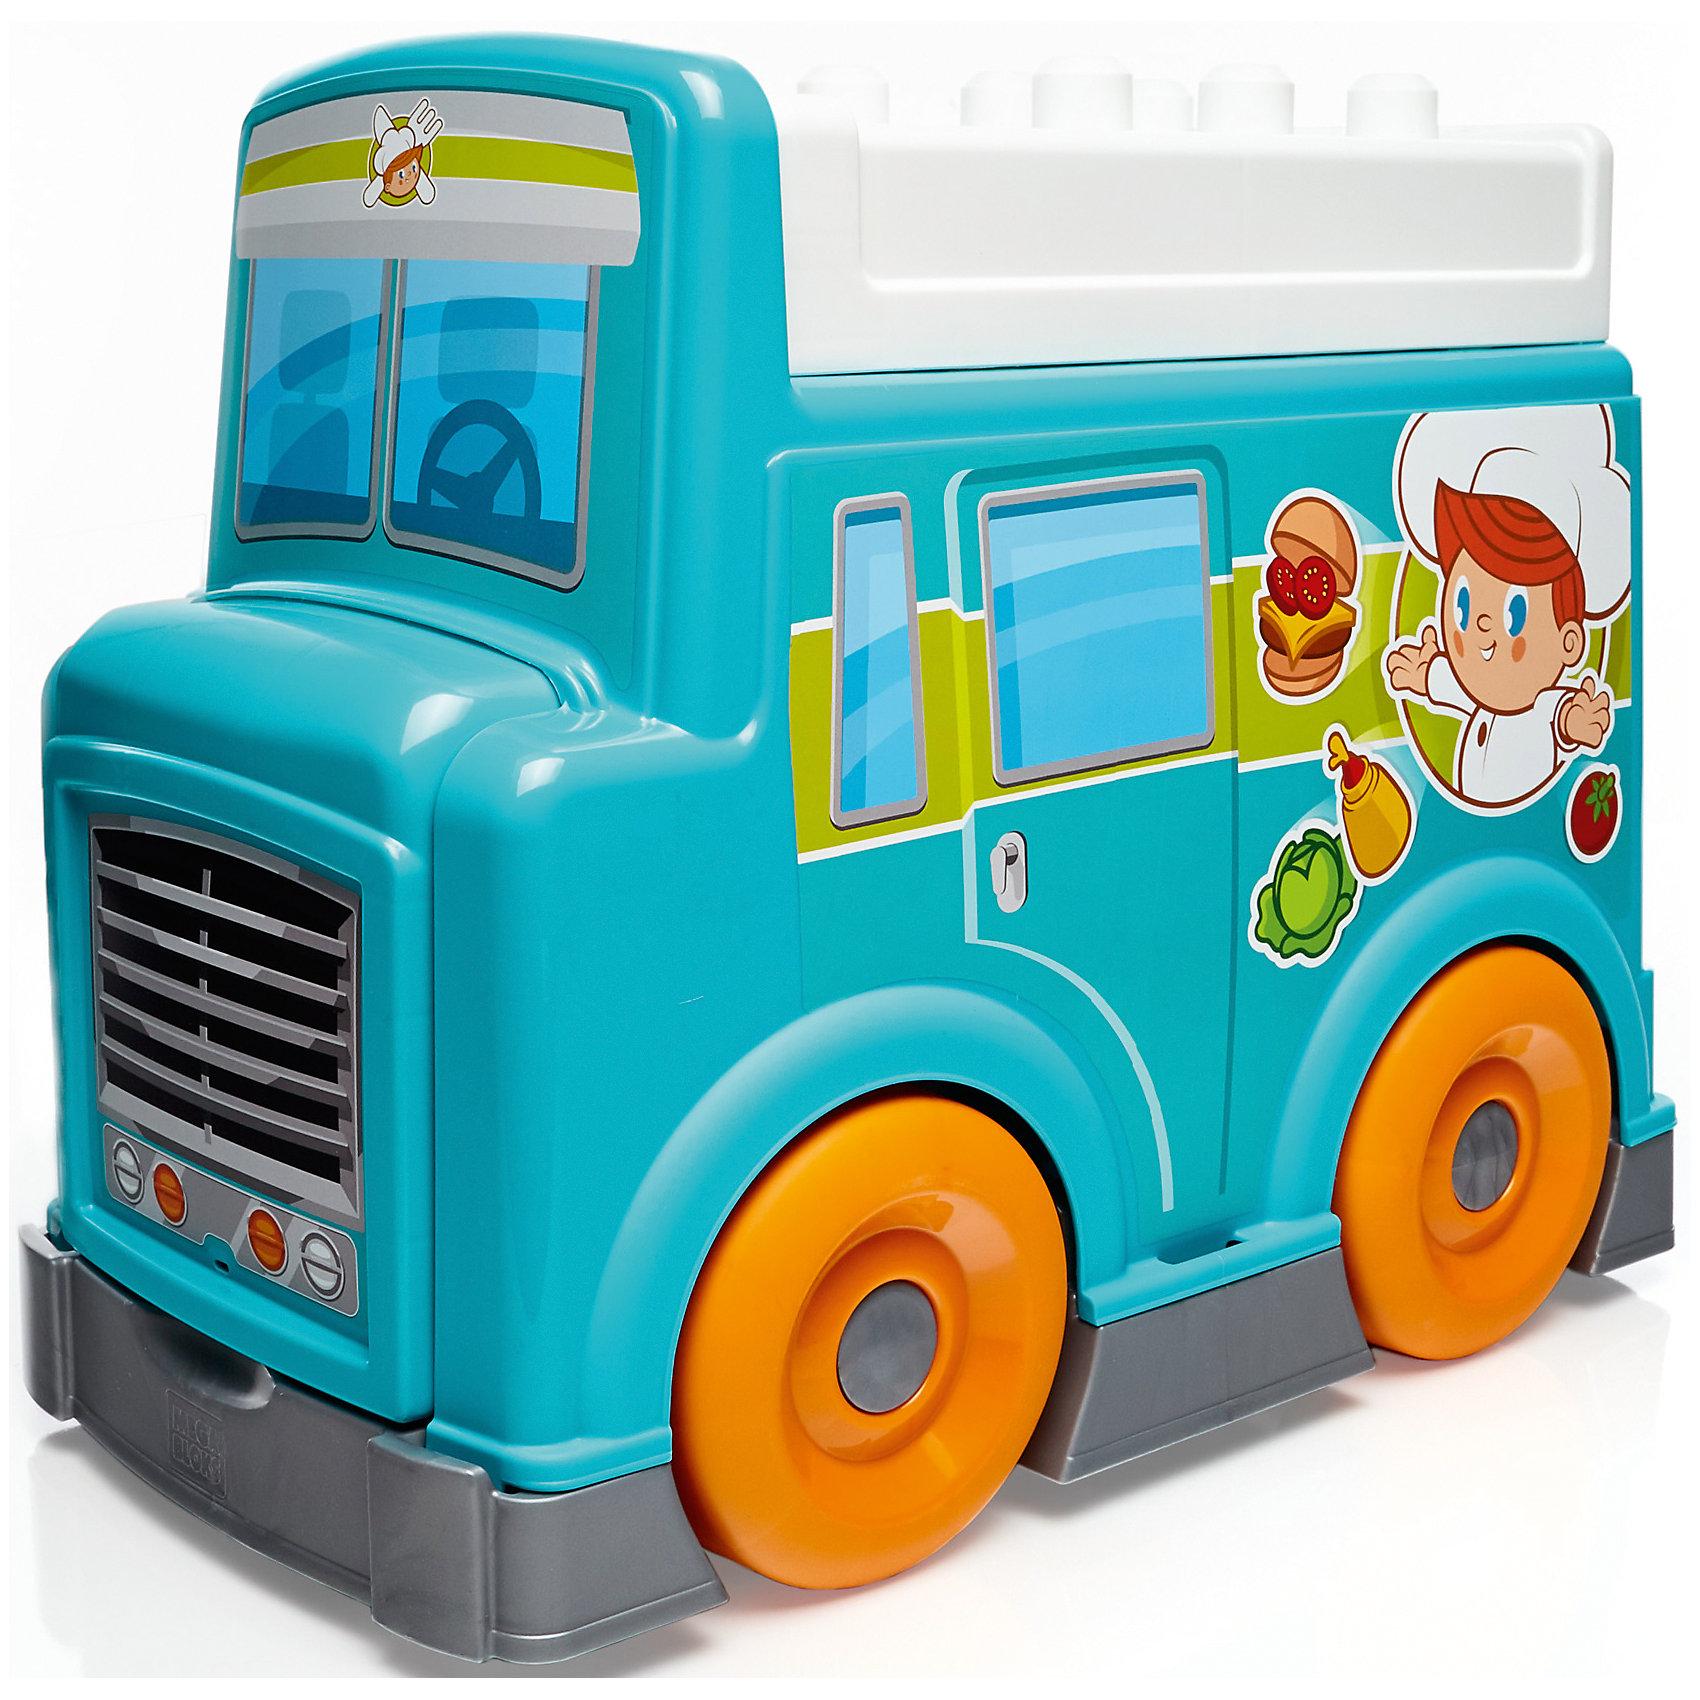 Игровой набор Продуктовый фургон, MEGA BLOKS<br><br>Ширина мм: 365<br>Глубина мм: 255<br>Высота мм: 455<br>Вес г: 3015<br>Возраст от месяцев: 12<br>Возраст до месяцев: 60<br>Пол: Мужской<br>Возраст: Детский<br>SKU: 4947819